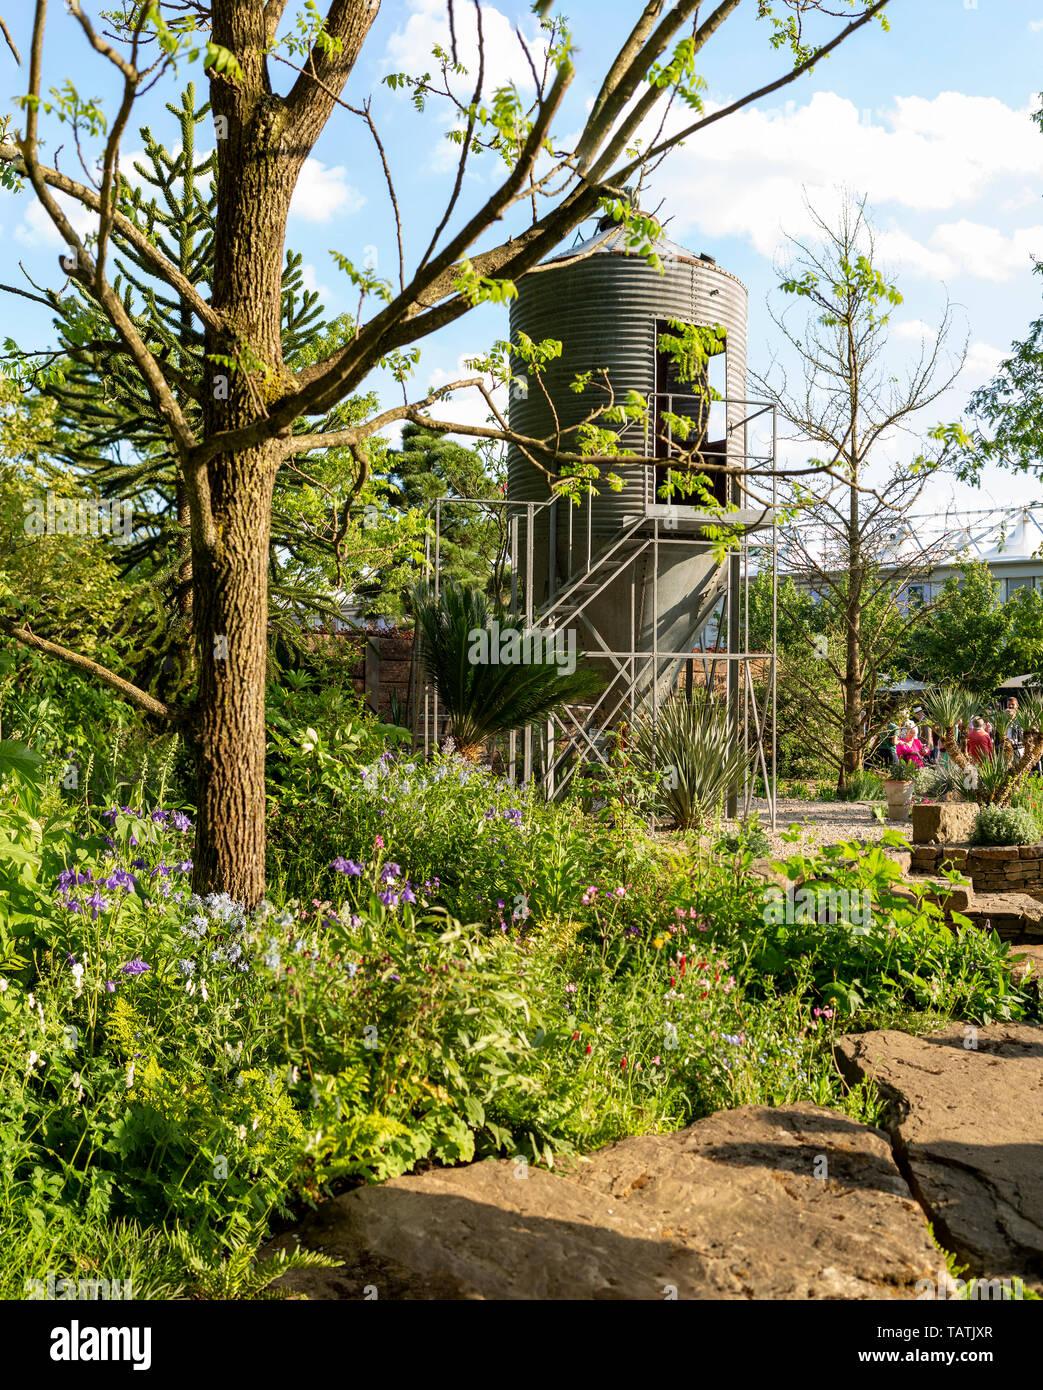 La resiliencia jardín. RHS Chelsea Flower Show 2019 Foto de stock